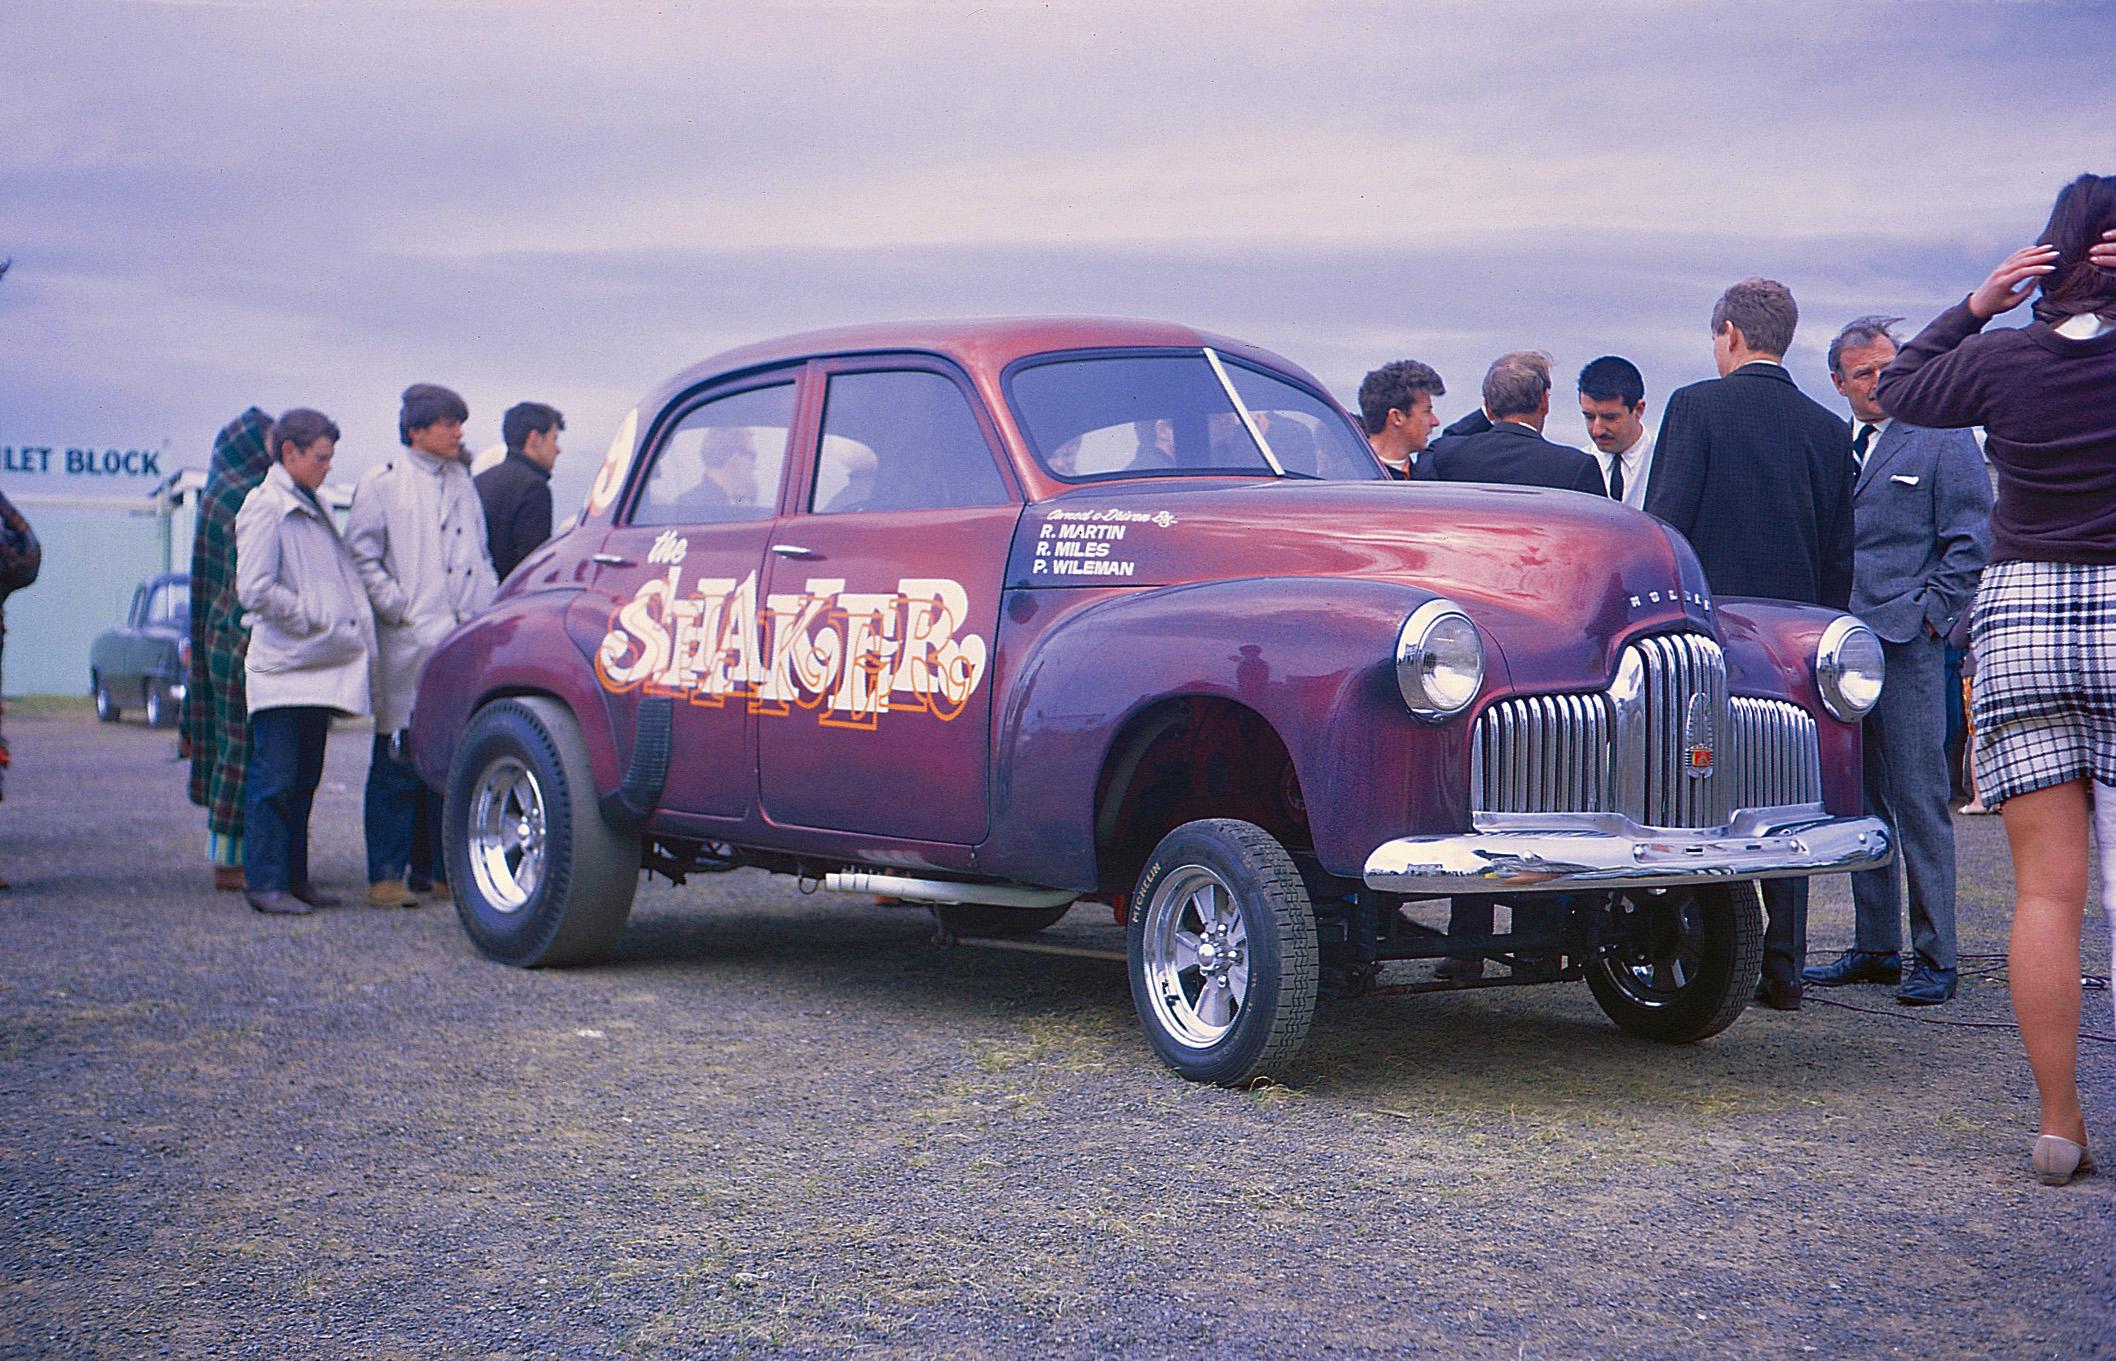 The Shaker FX Holden